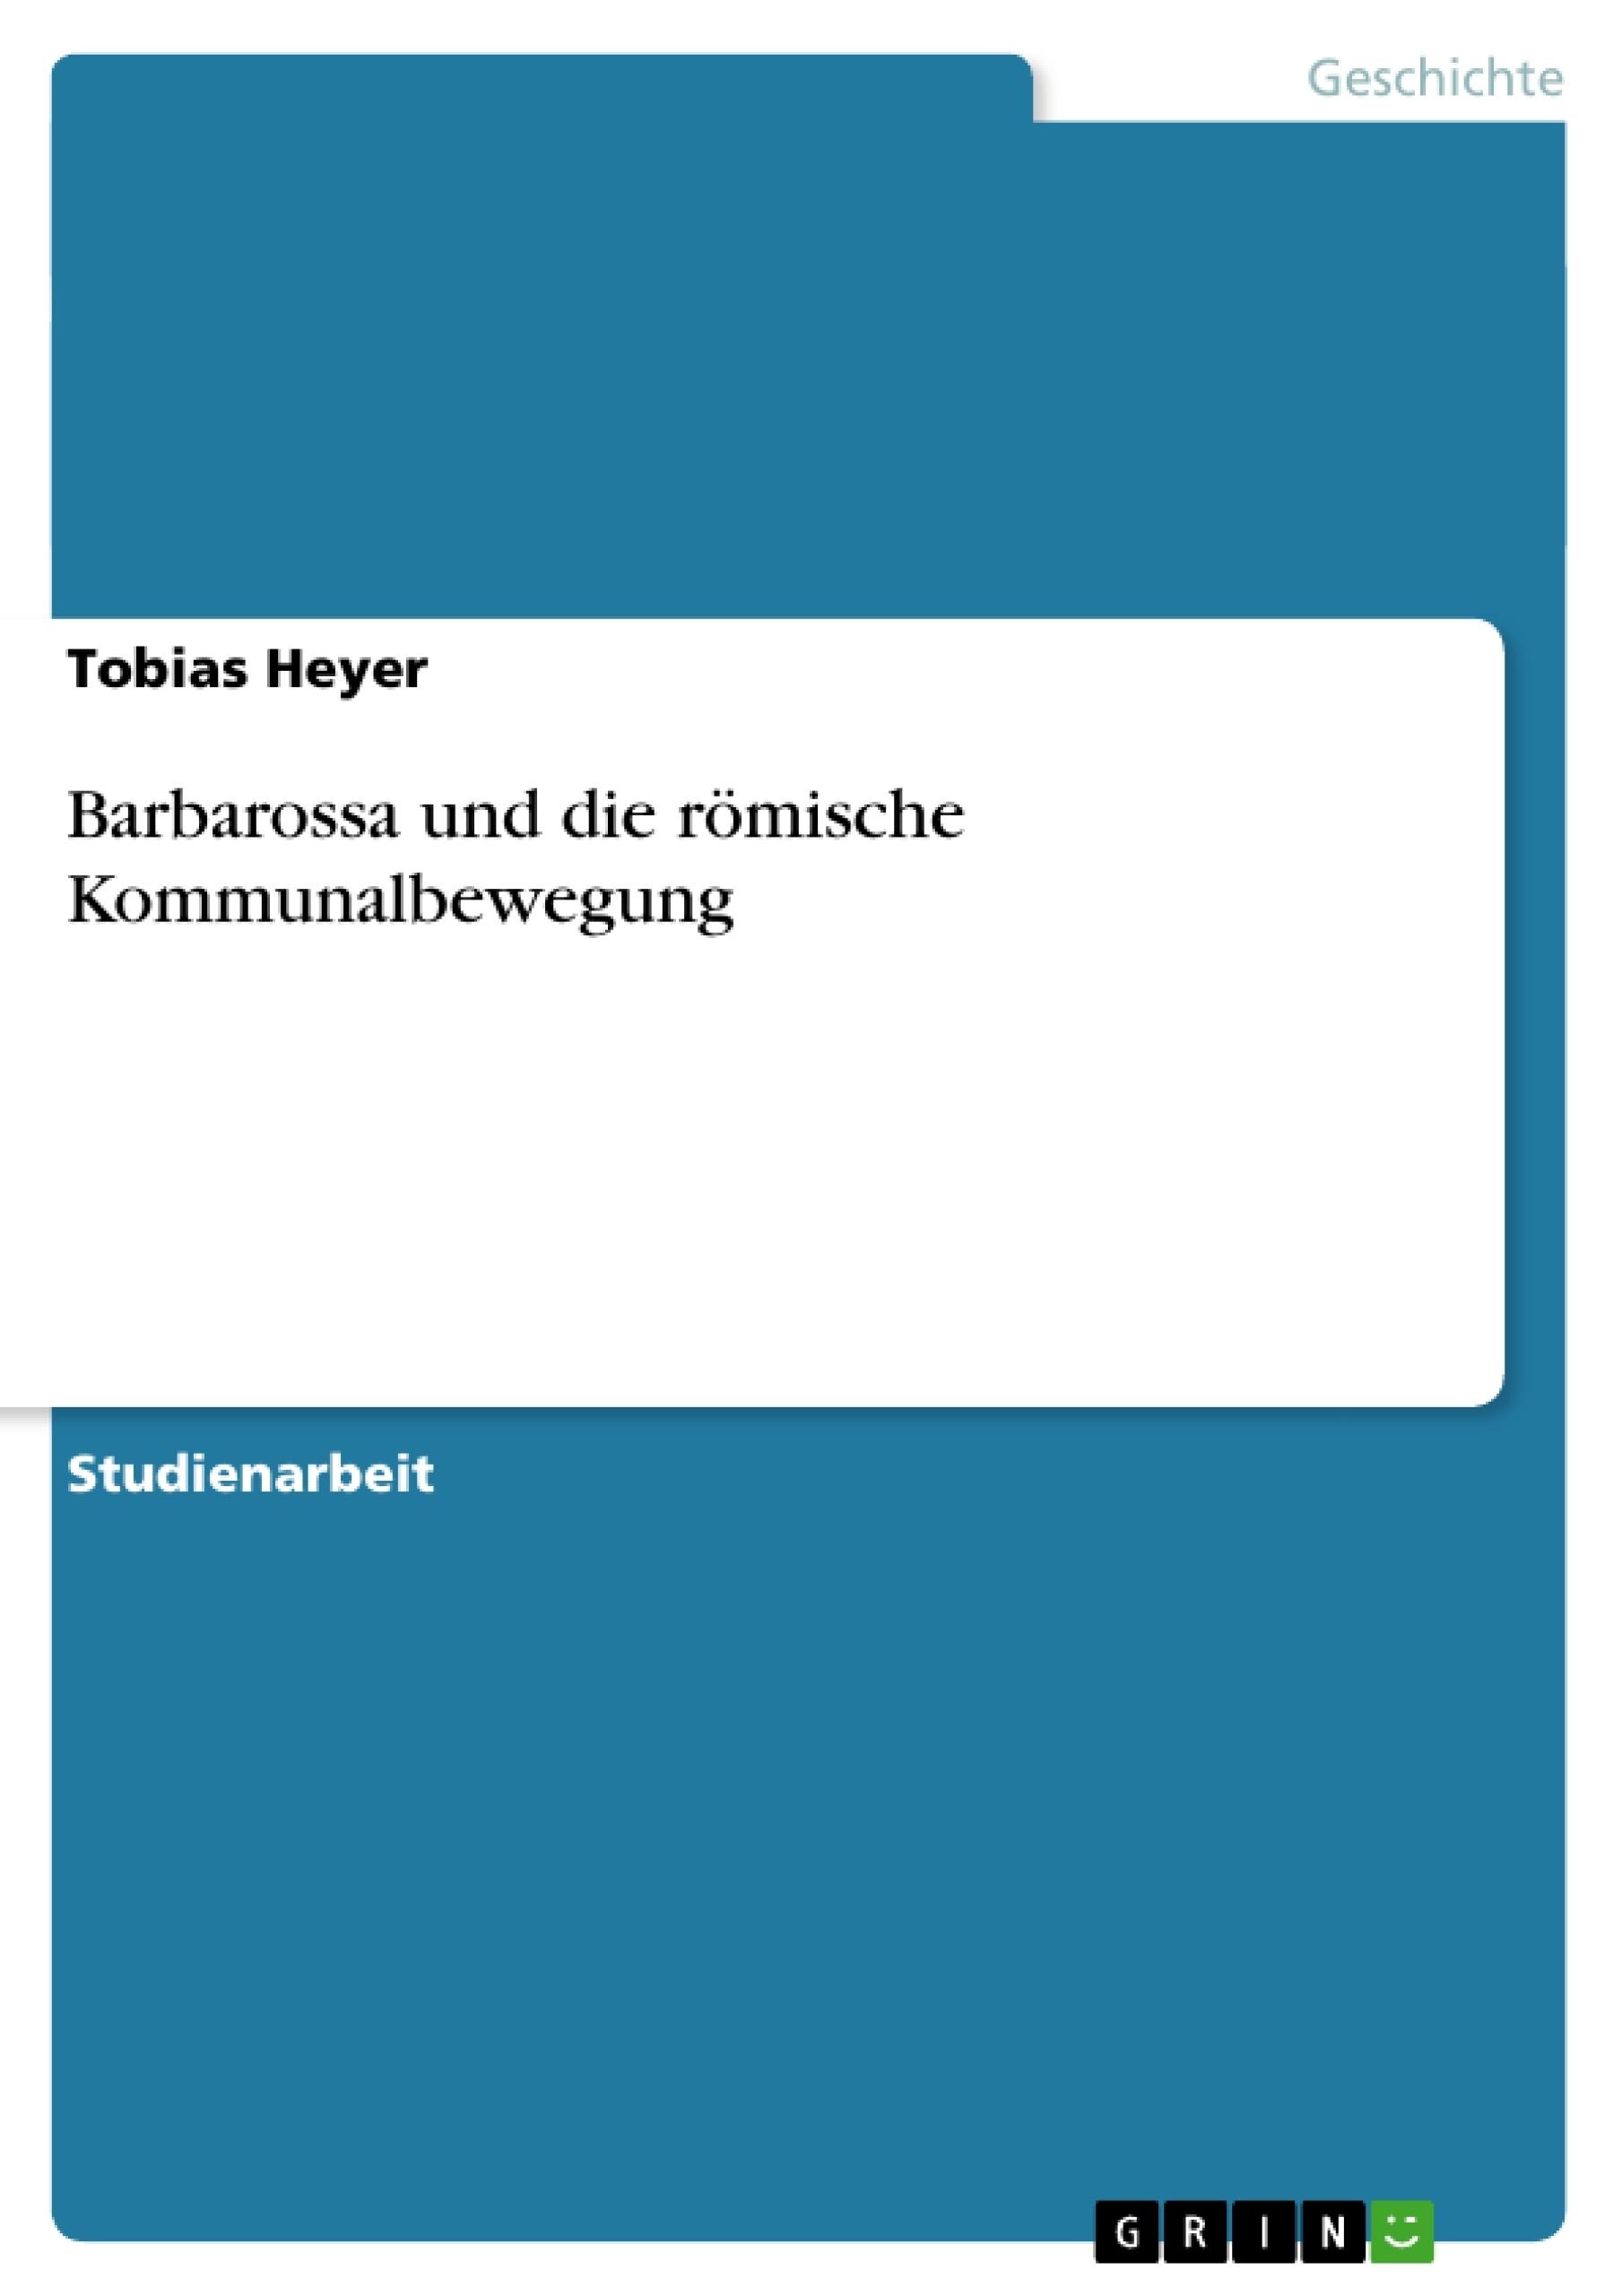 Titel: Barbarossa und die römische Kommunalbewegung